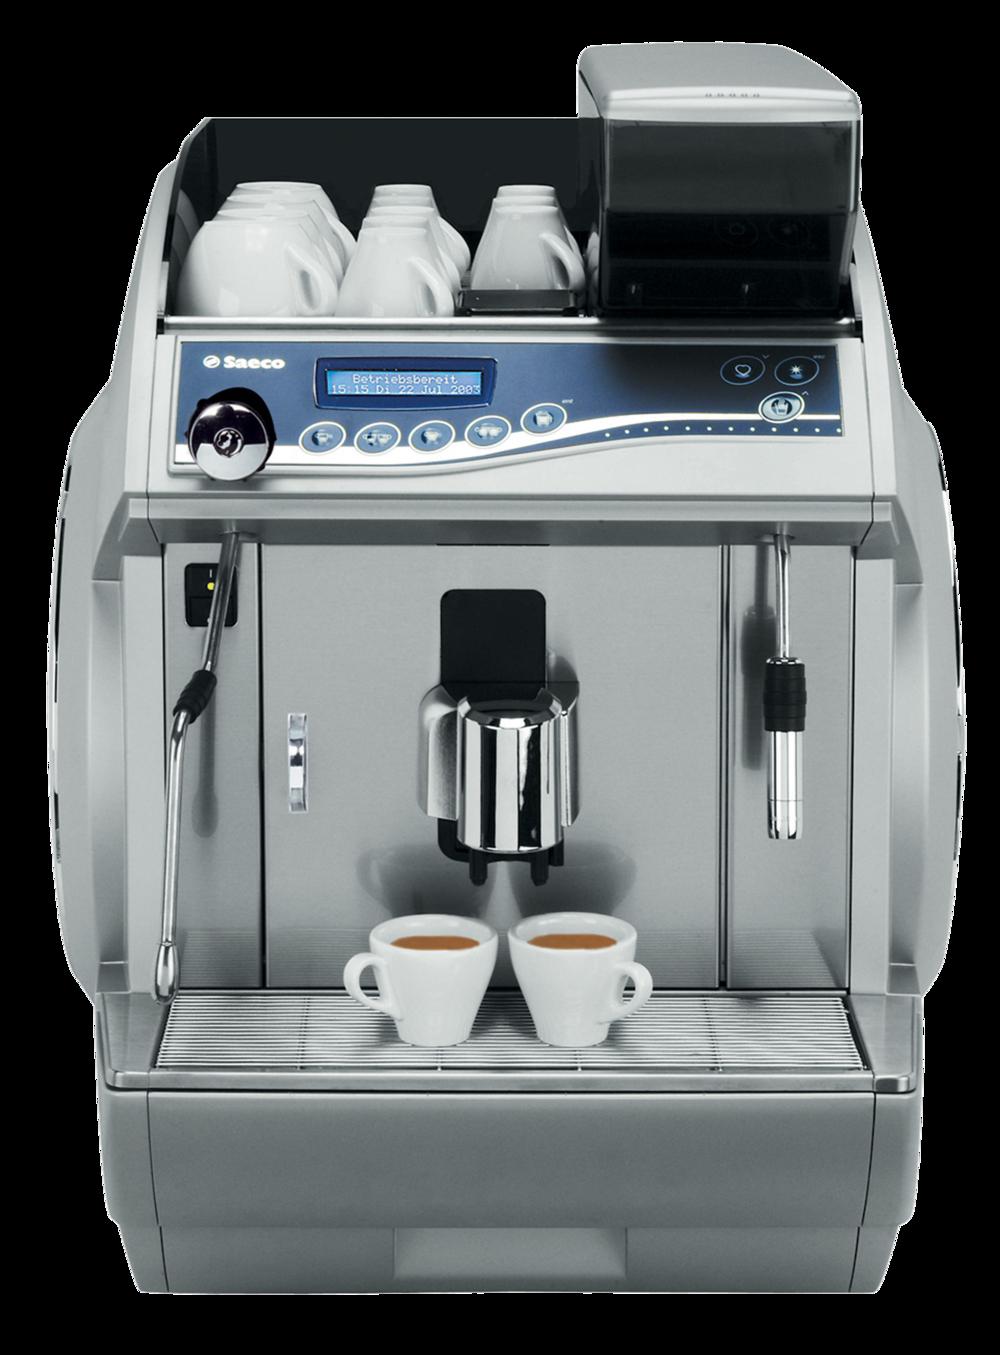 Idea LuxeSaeco   Idea Luxe  fornece café, água quente e vapor uma vez que incorpora 2 caldeiras em aço inoxidável. Possui 3 circuitos de água: 1 para café, 1 para água quente (a água é aquecida por um alternador de calor independente anexado à caldeira) e 1 para o vapor.